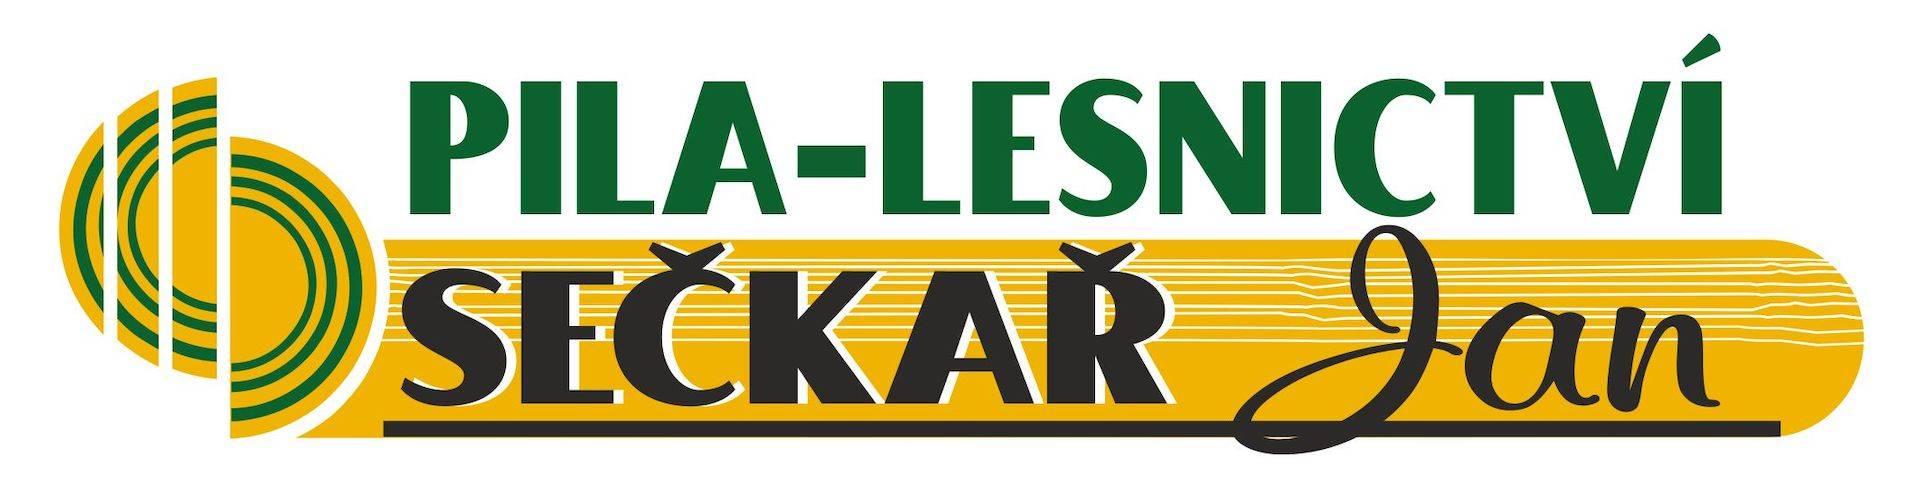 Pila-Lesnictví Sečkař Jan logo Velká nad Veličkou Pila-lesnictví Jan Sečkař, Velká nad Veličkou